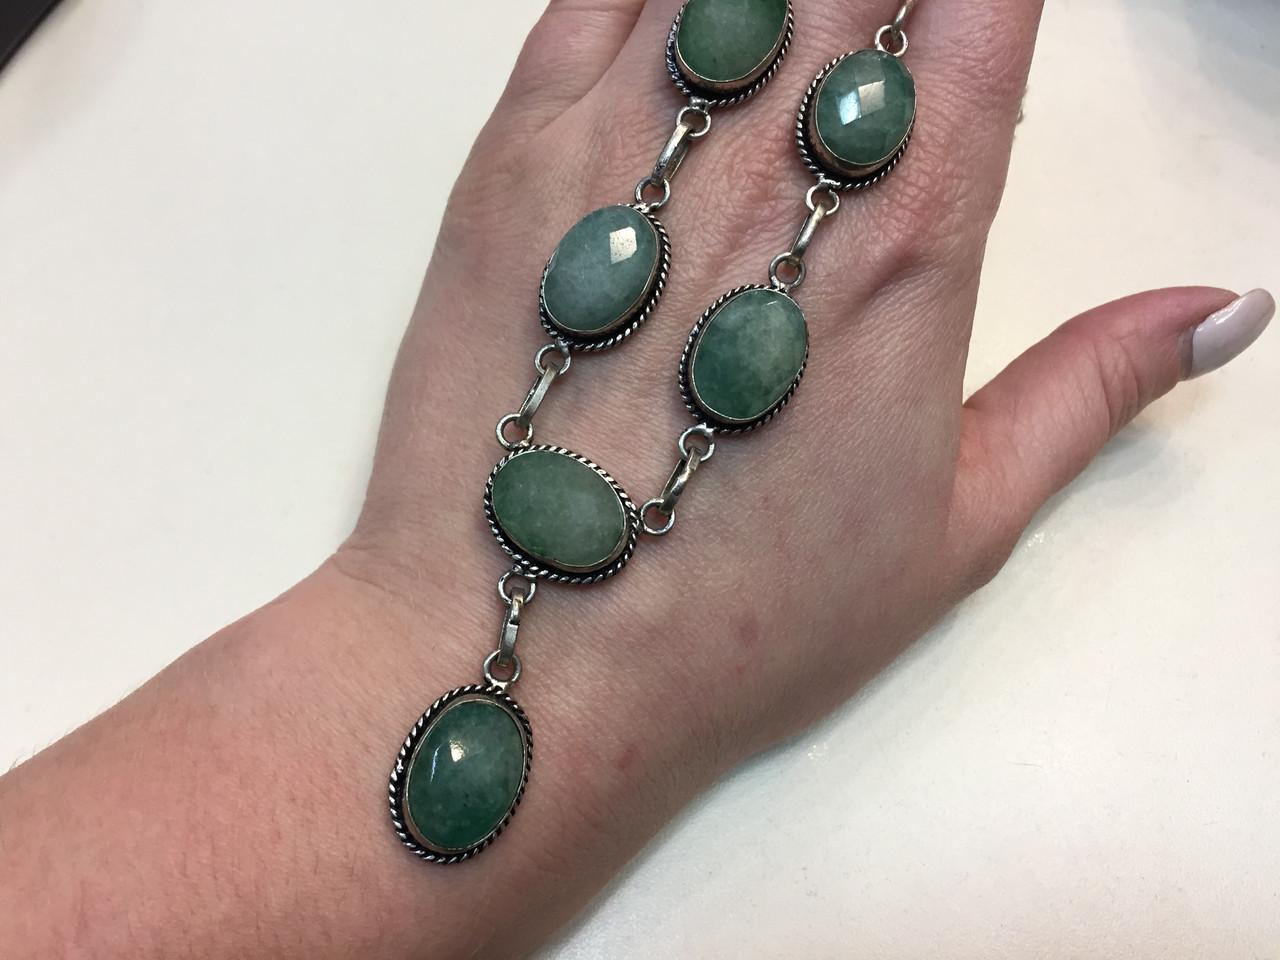 Ожерелье с камнем изумрудный кварц в серебре. Изумрудный кварц колье с кварцем Индия!